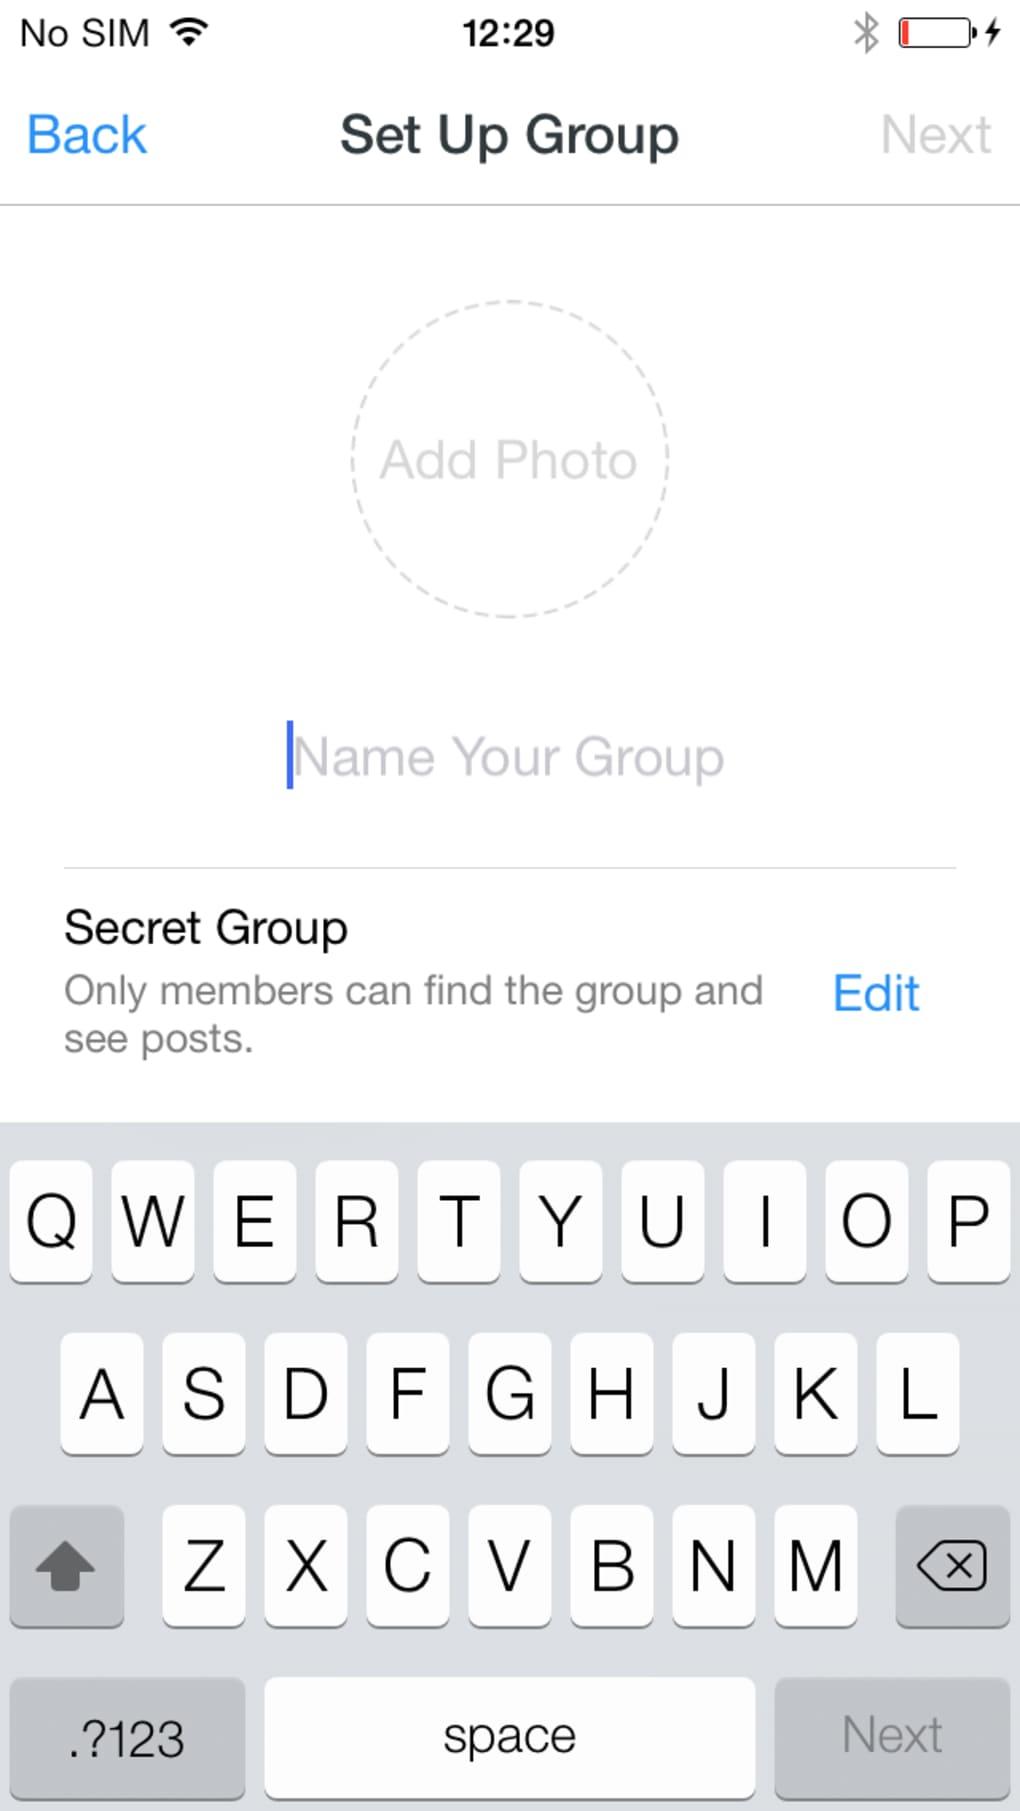 ماهي إعدادات أساسية لإدارة جروبات الفيسبوك